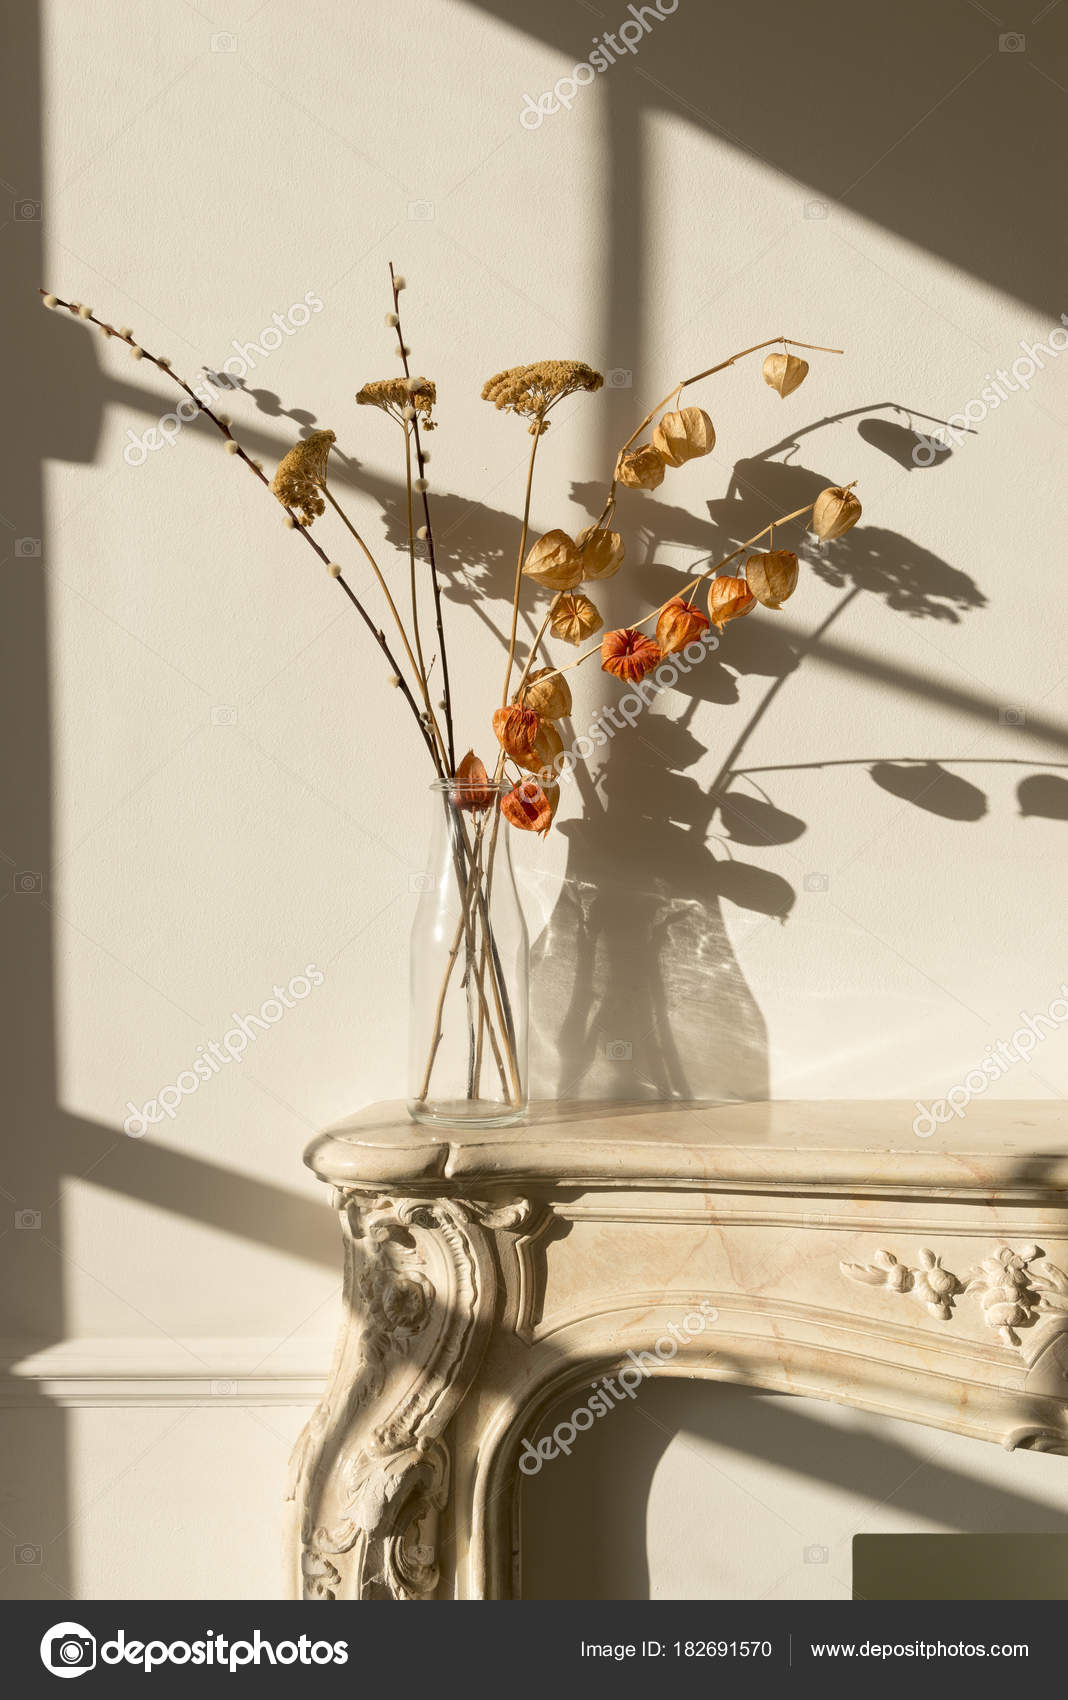 Hochwertig Farbloses Glasvase Mit Getrockneten Blüten Auf Einem Geschlossenen Kamin  Kaminsimses Und Wirft Einen Schatten Auf Einer